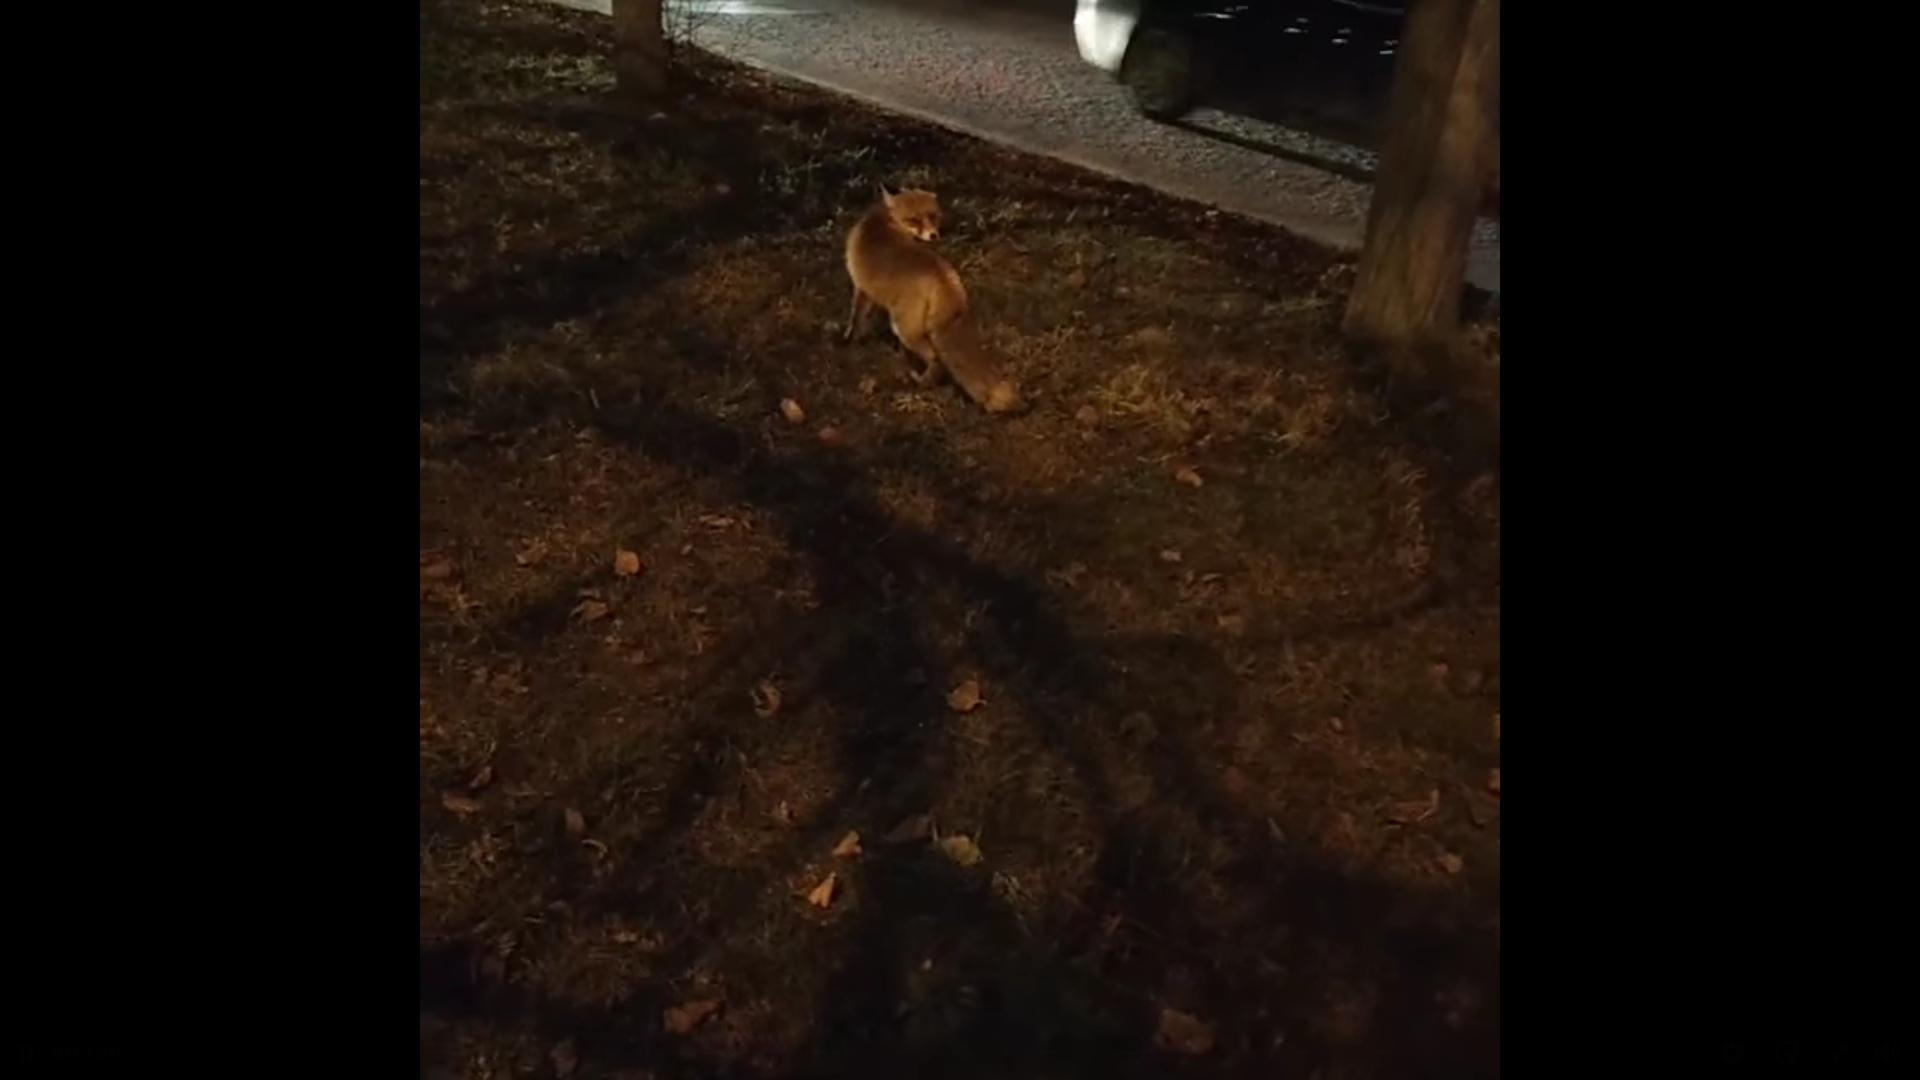 Возле дворца культуры в Ярославле на видео сняли лисицу